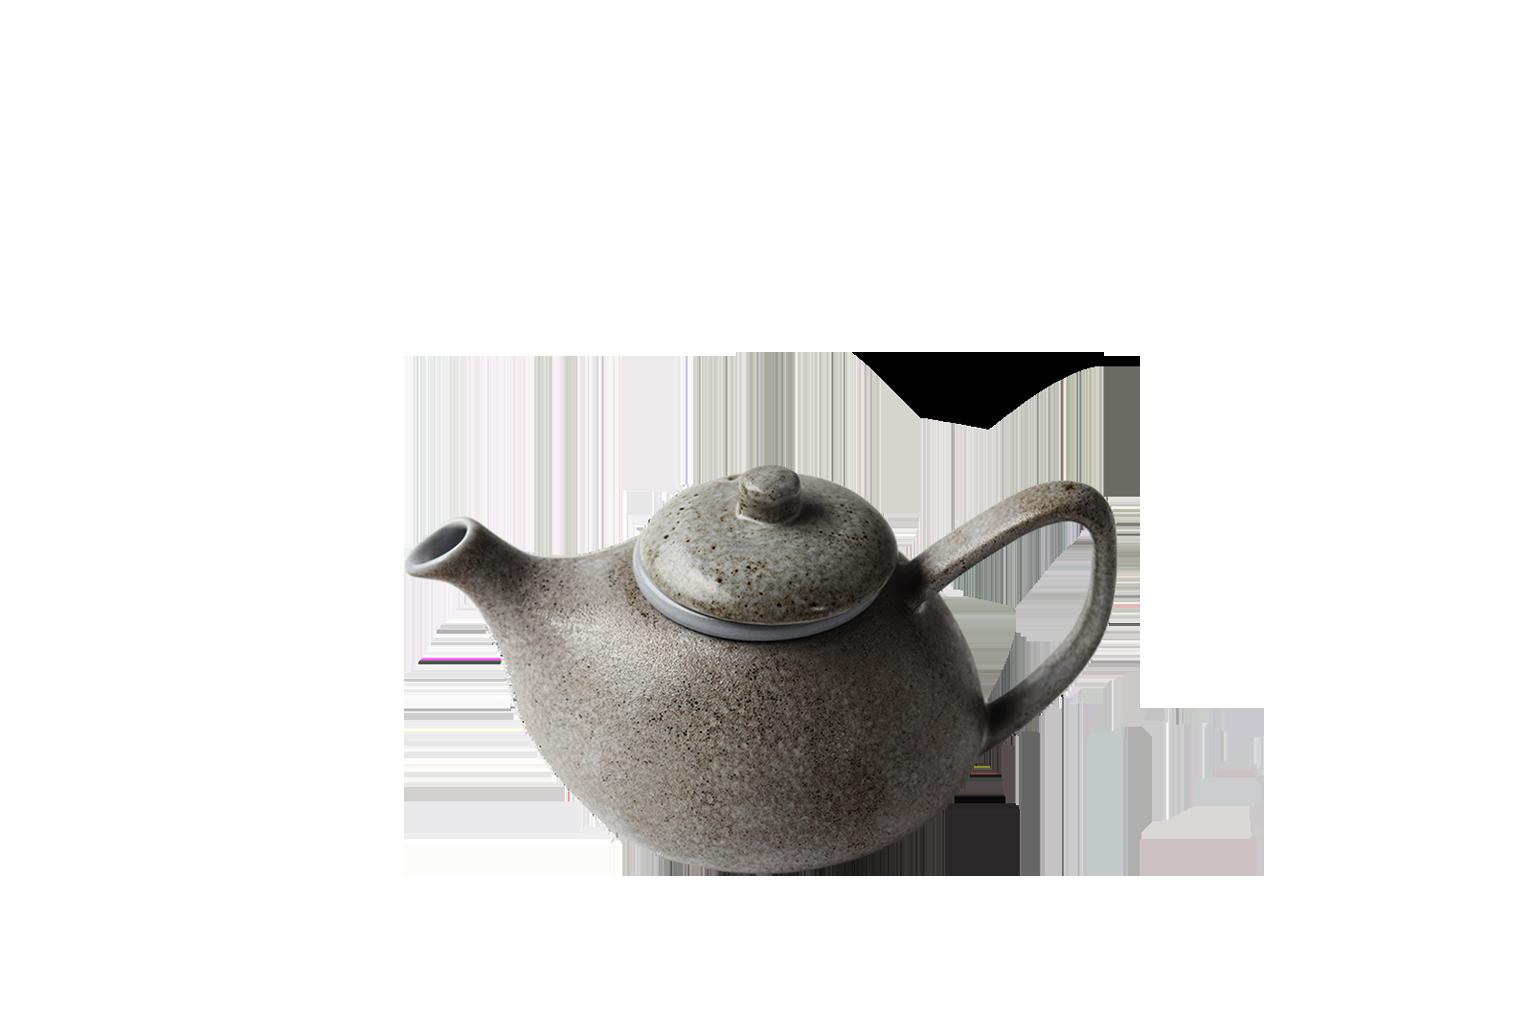 Ceramic Tea Pot - S$40